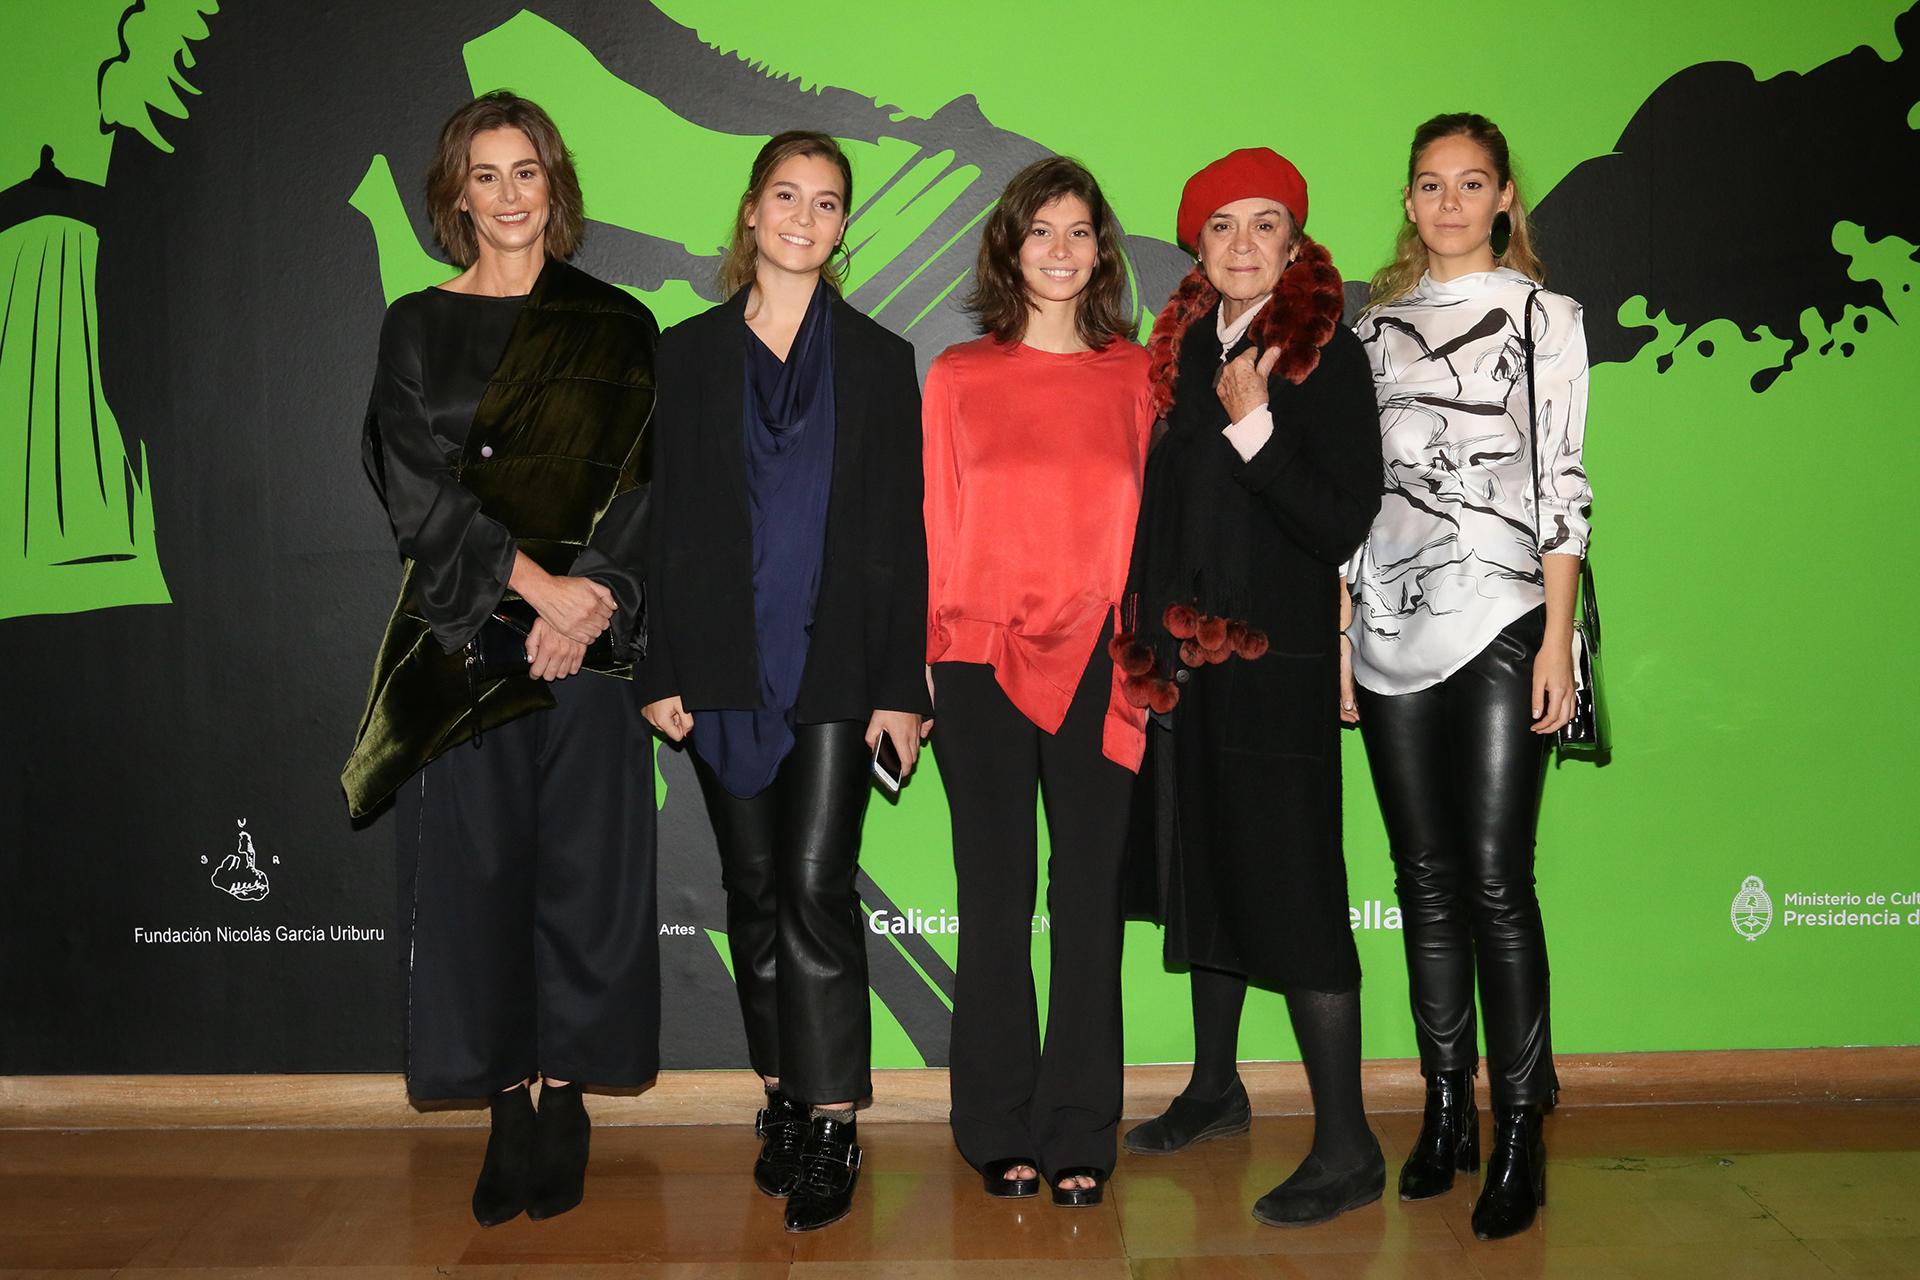 Azul García Uriburu junto a sus hijas, Esperanza, Azul y Milagros Pereda, y su madre Blanca Isabel Álvarez de Toledo (ex mujer de Nicolás García Uriburu)